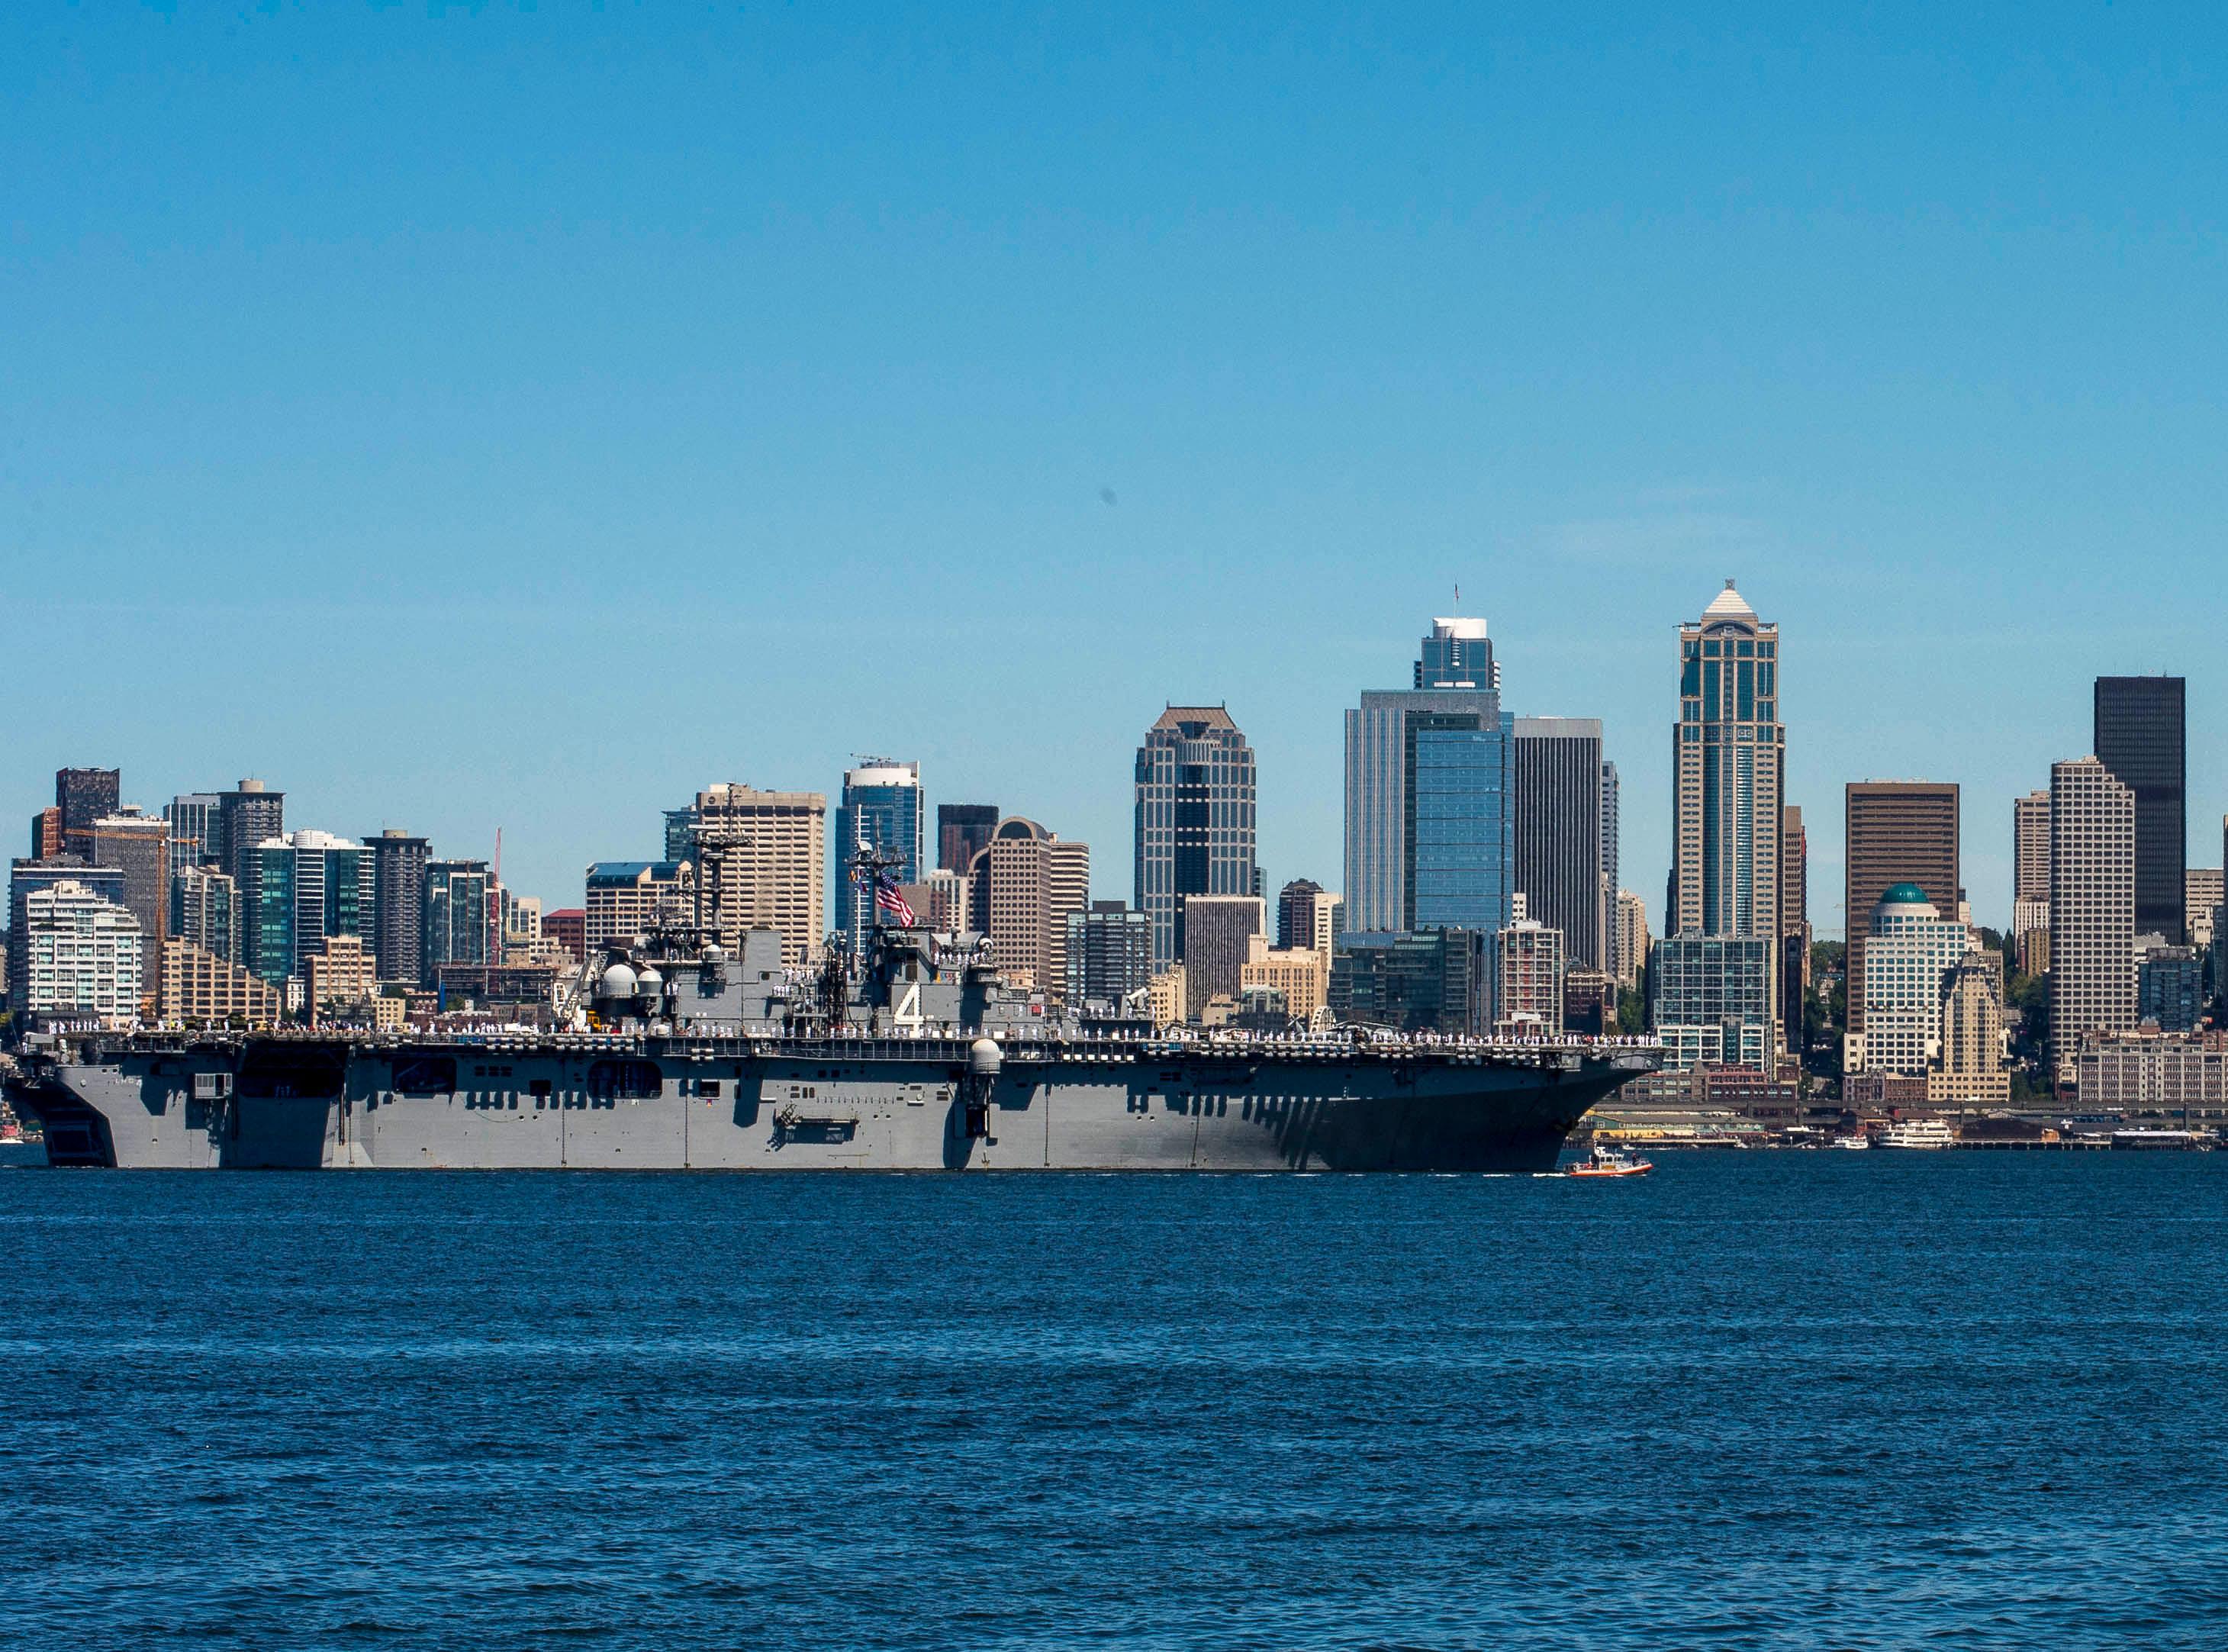 USS BOXER LHD-4 Einlaufen Seattle am 29.07.2015 Bild: U.S. Navy